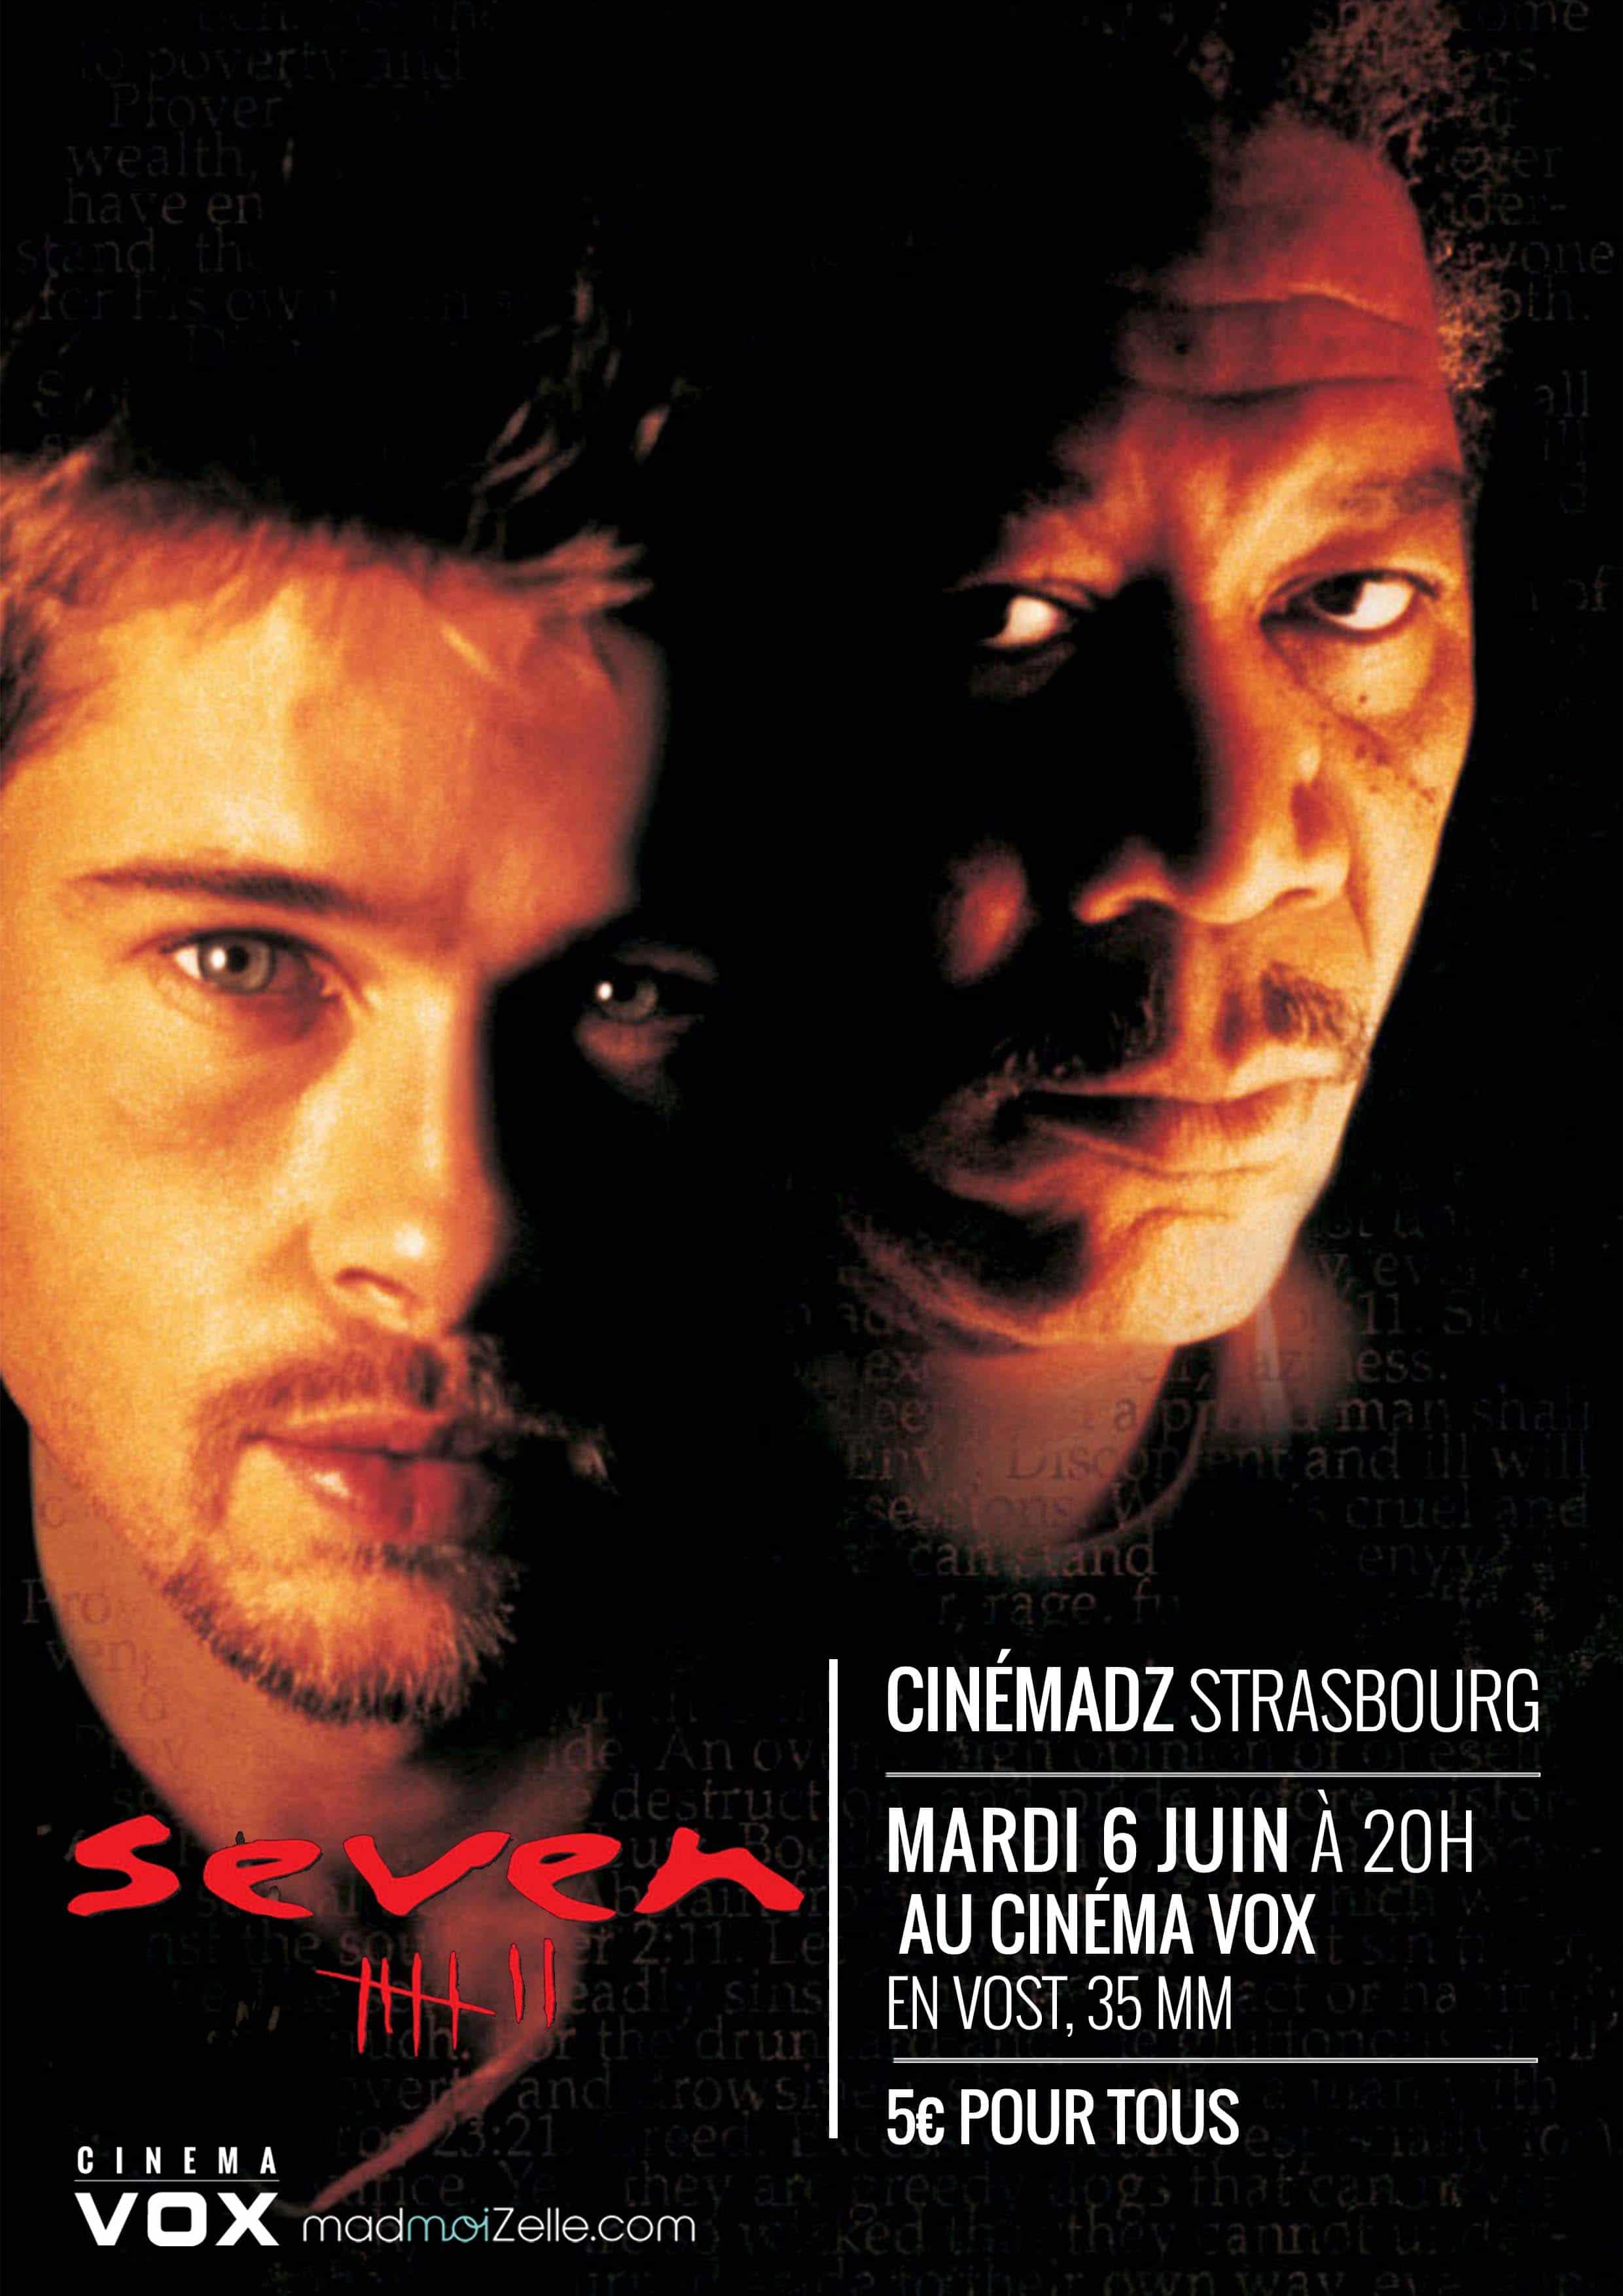 CinémadZ Strasbourg — Seven en VOST le 6juin à 20h